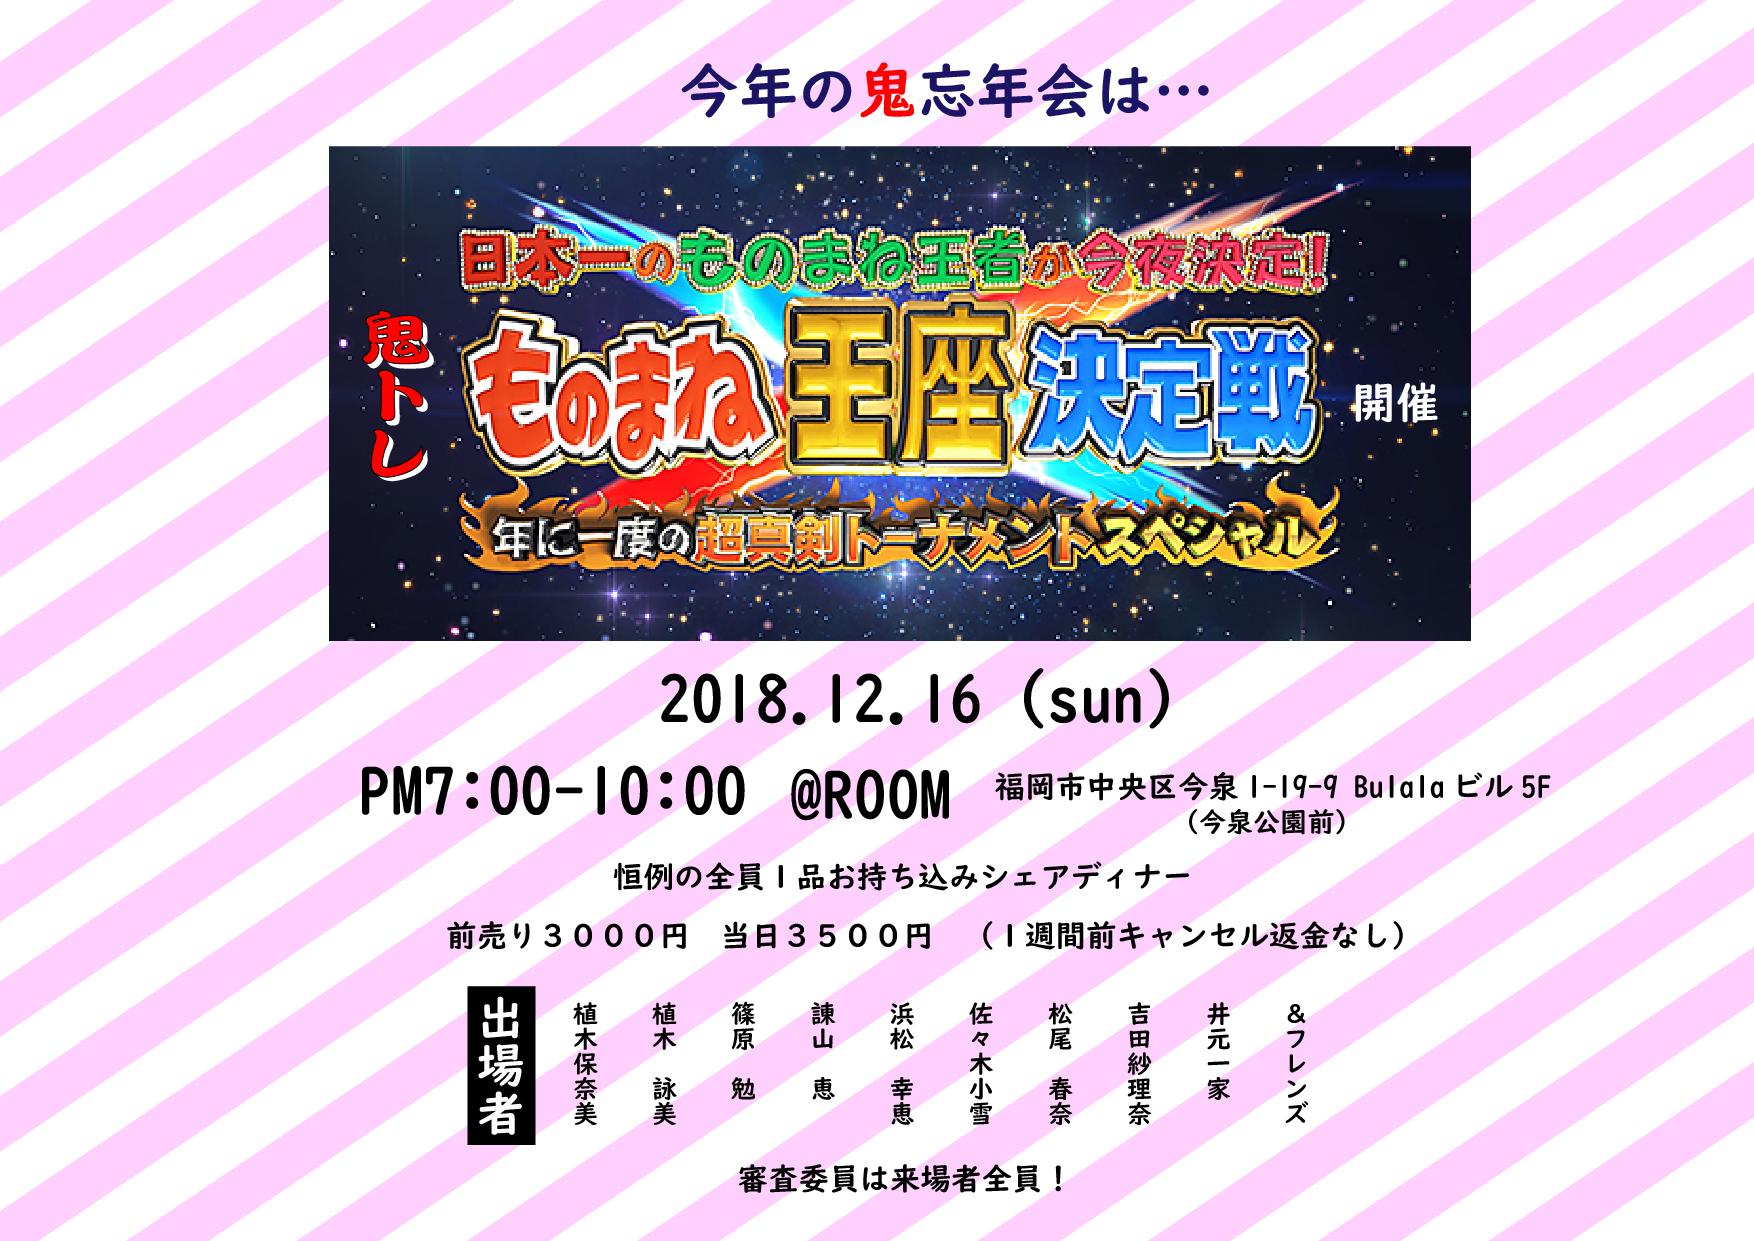 12月忘年会_アートボード 1